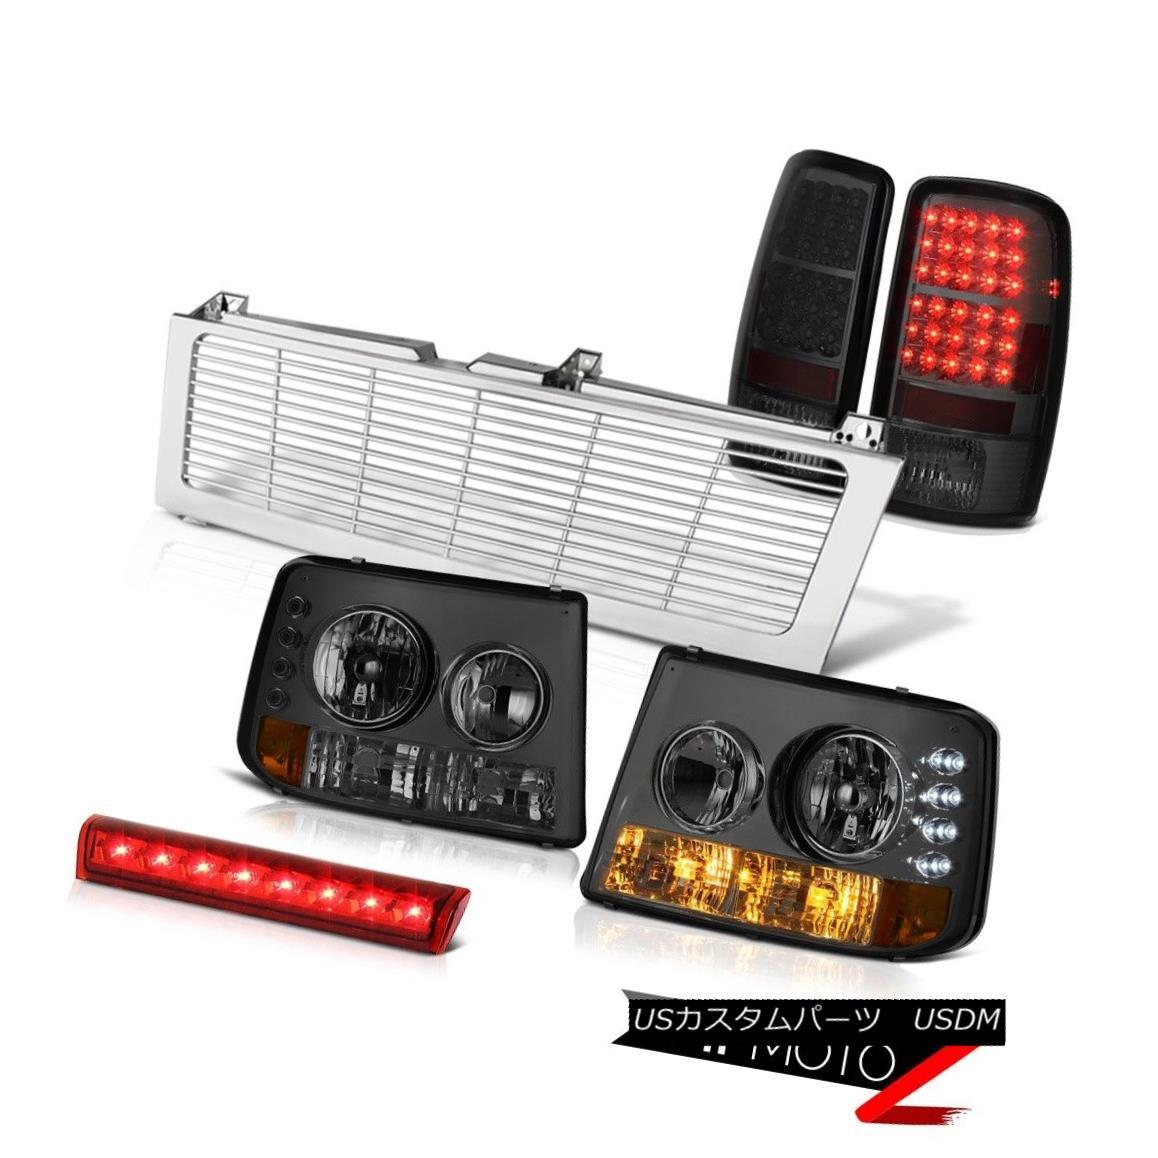 テールライト 2000-2006 Suburban Z71 Bumper Headlight Smoke Brake Light Roof LED Chrome Grille 2000-2006郊外Z71バンパーヘッドライトスモークブレーキライトルーフLEDクロームグリル